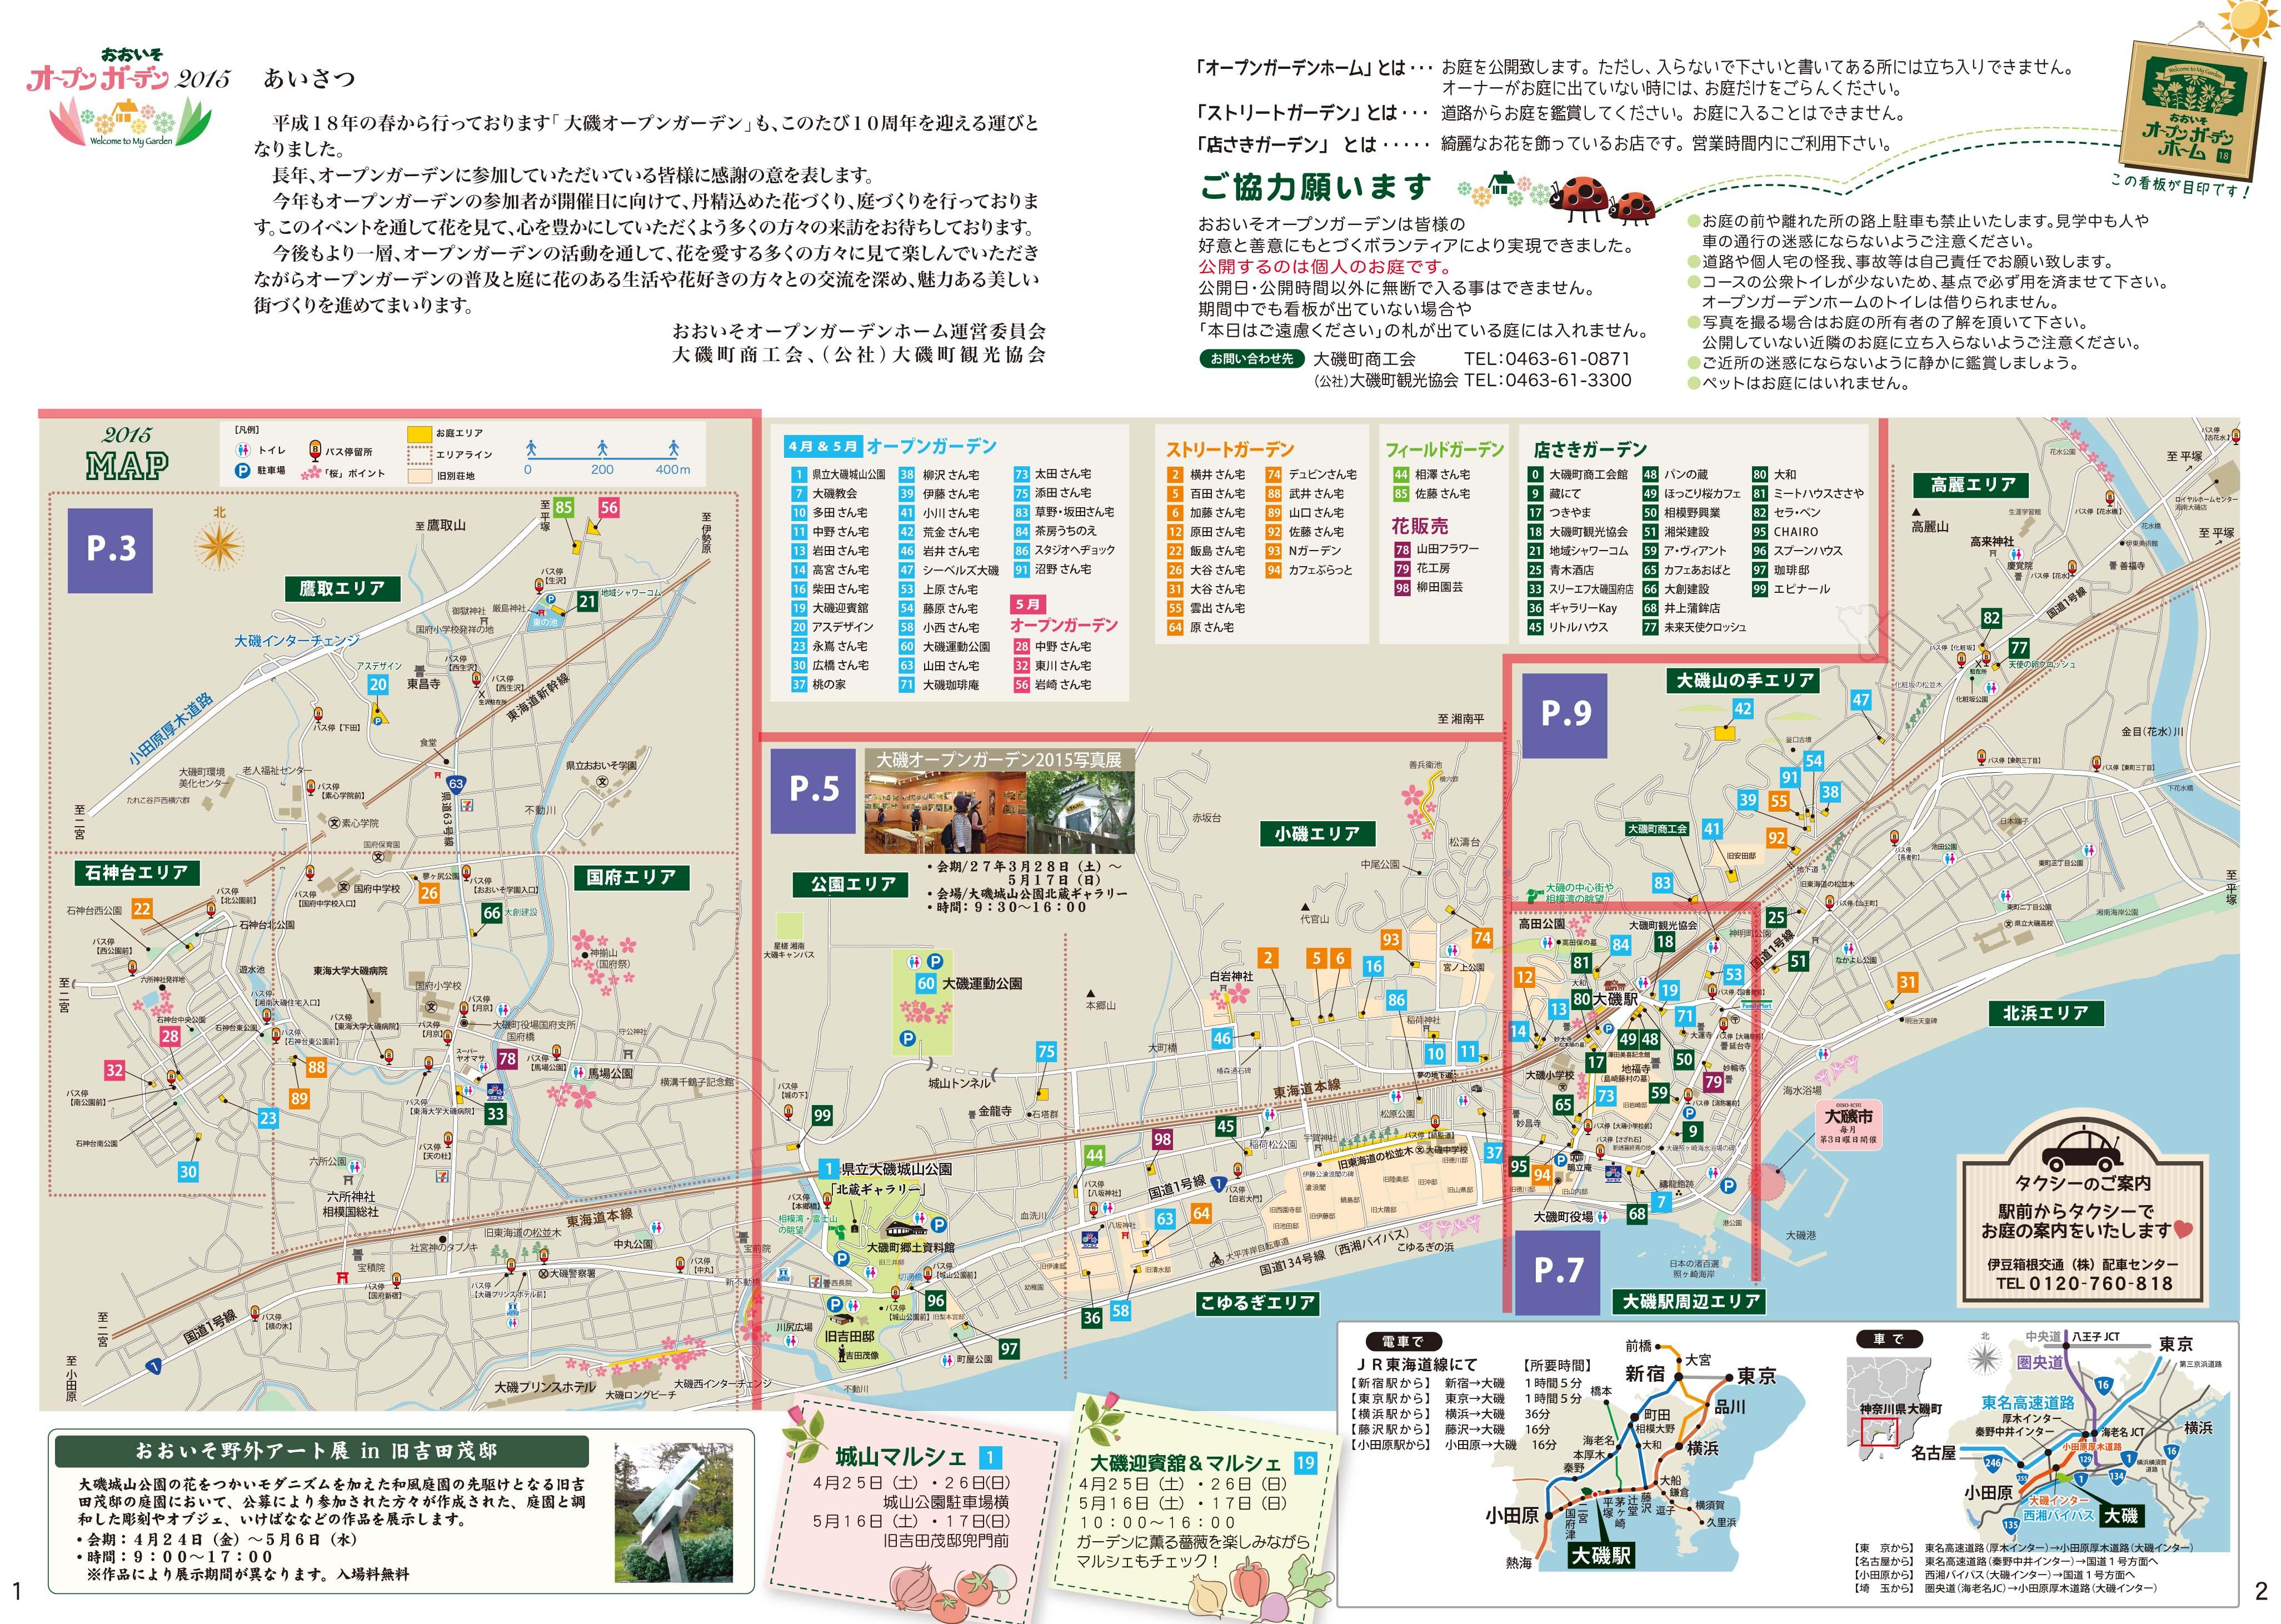 map'¤_og_2015